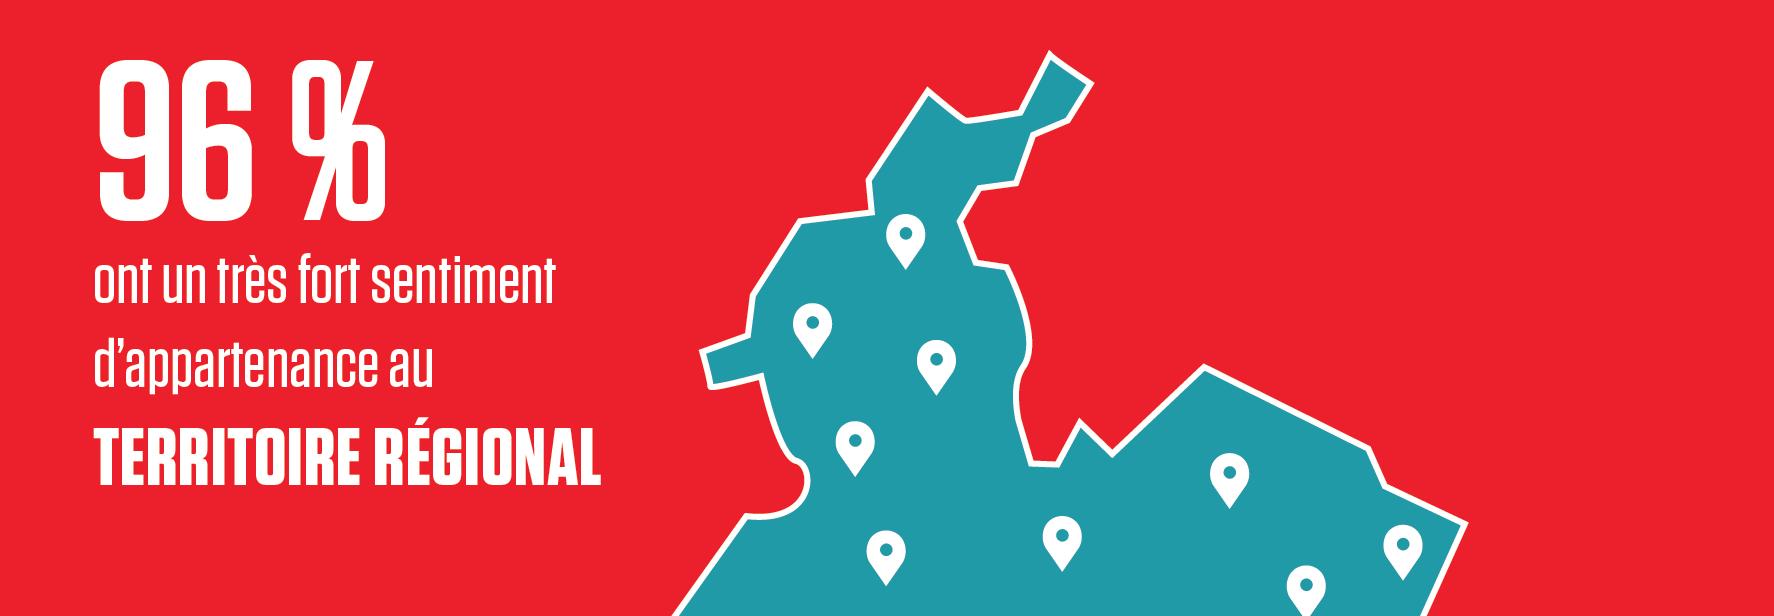 96% de la population fière de vivre au sein de Victoriaville et sa région!